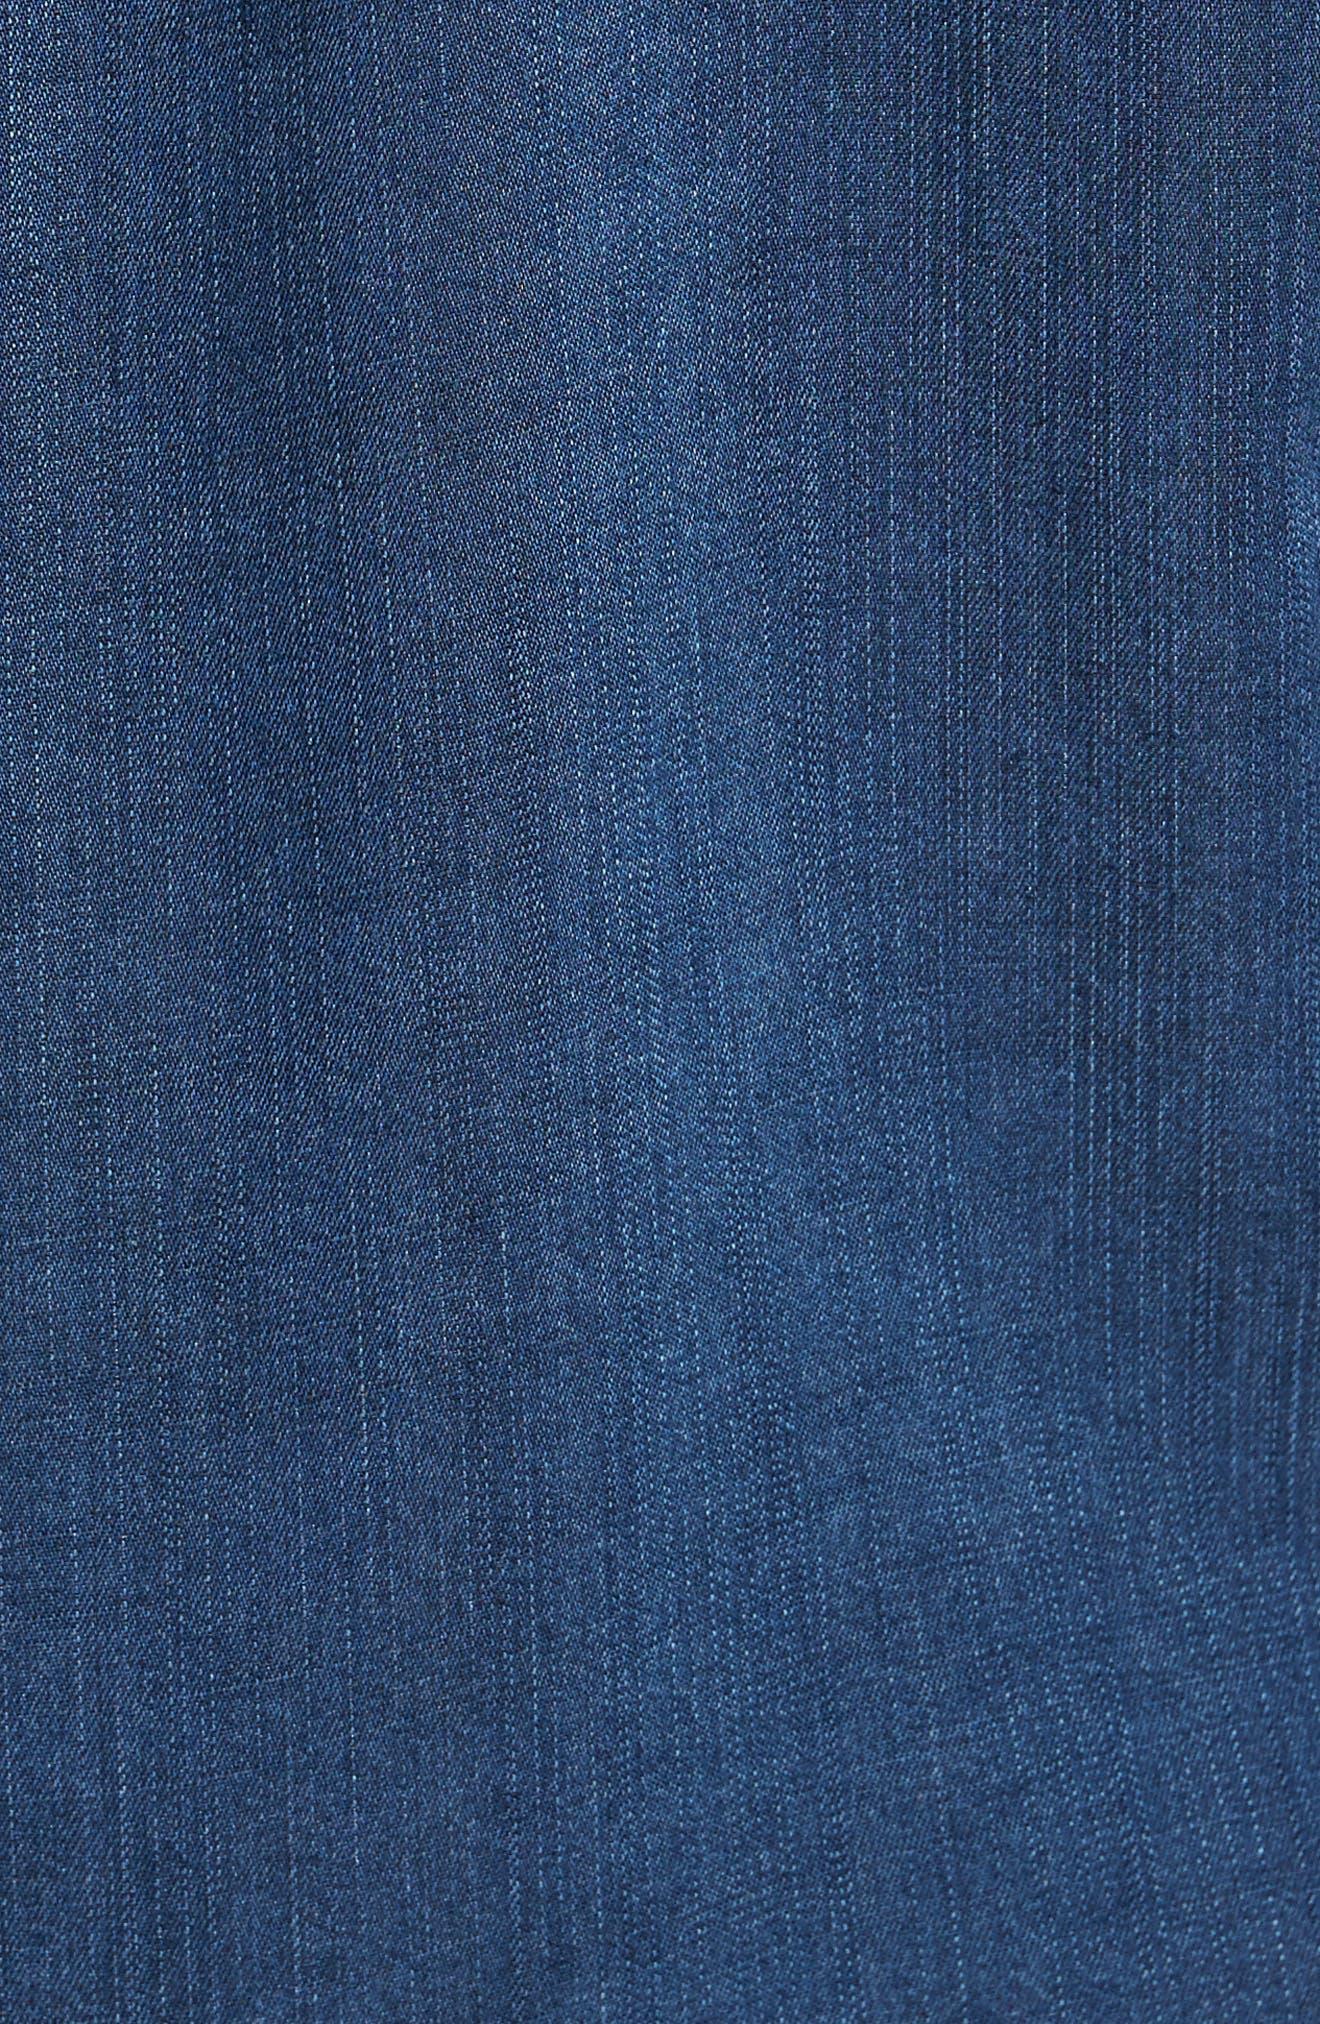 Beckford Denim Sport Shirt,                             Alternate thumbnail 5, color,                             447